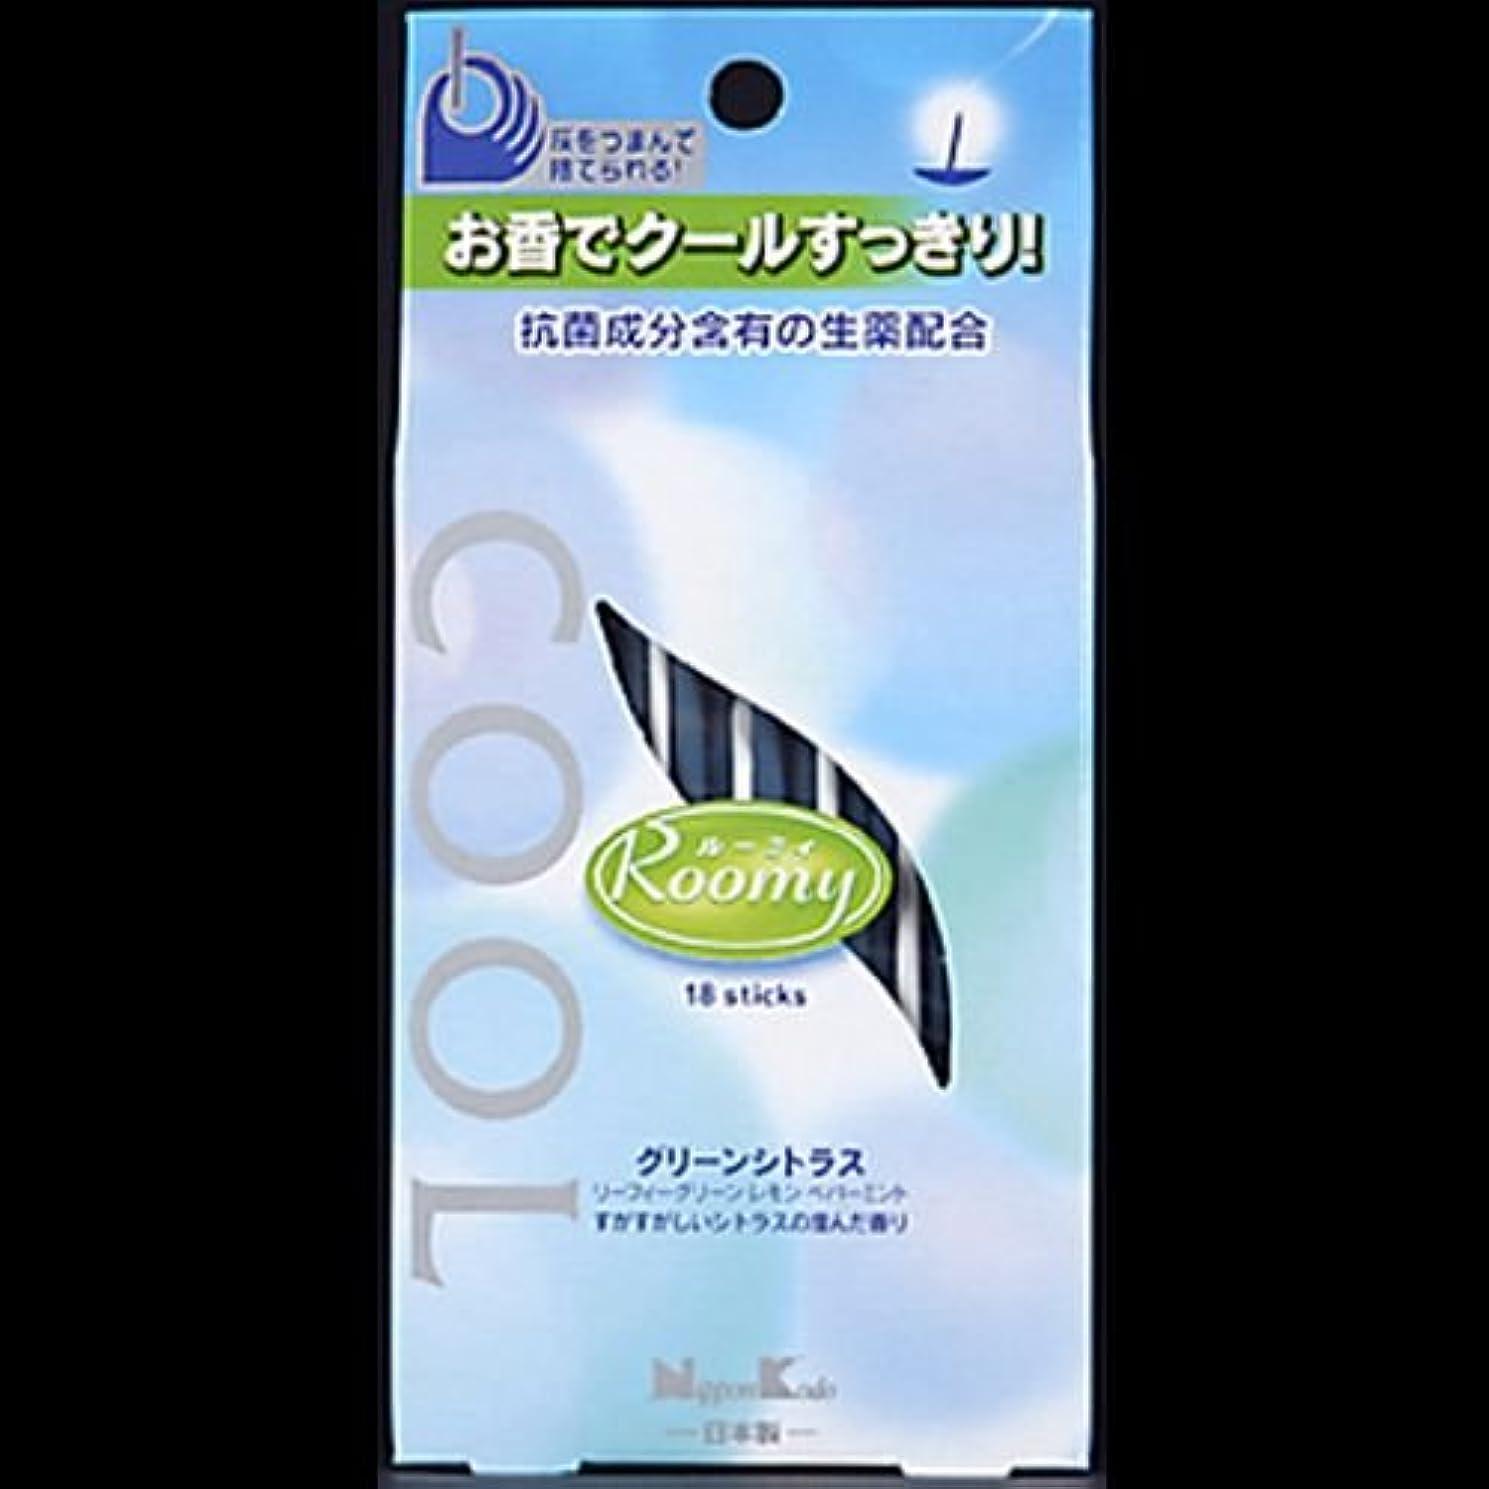 赤外線渦厚さ【まとめ買い】ルーミィ クール スティック 18本 ×2セット